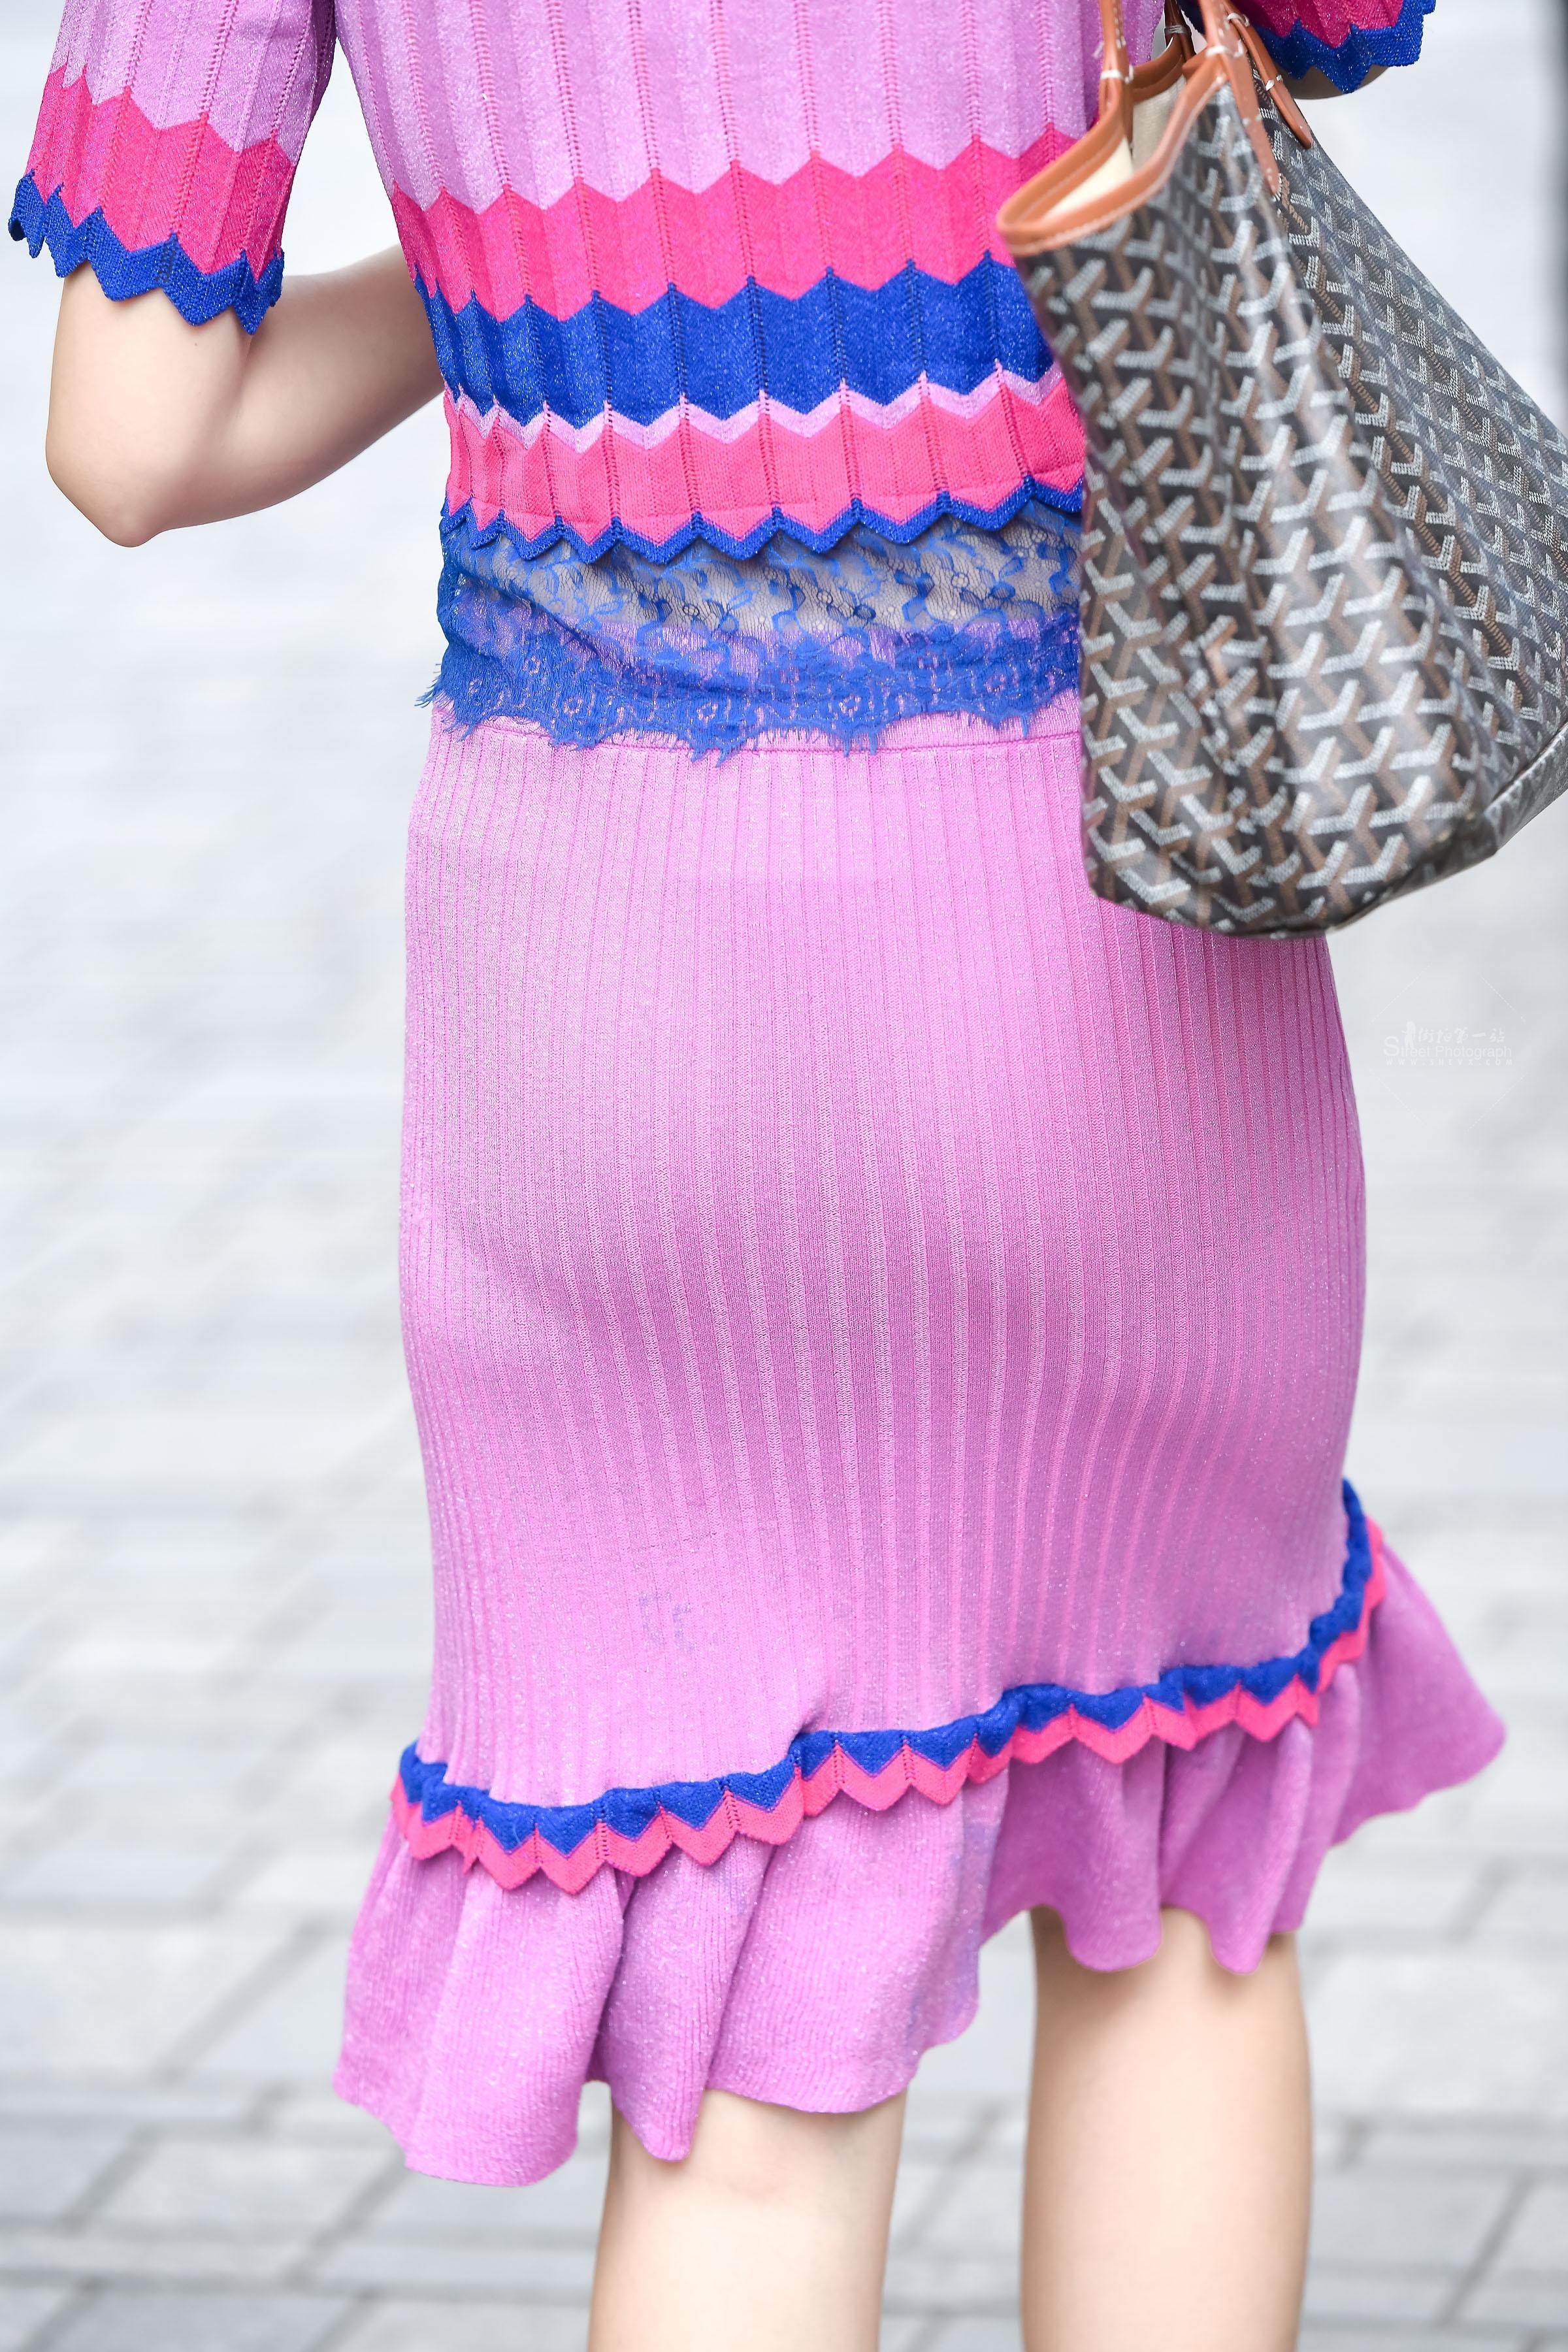 街拍空姐,街拍美女 国航美女 空姐时尚装扮艳丽之行 最新街拍丝袜图片 街拍丝袜第一站